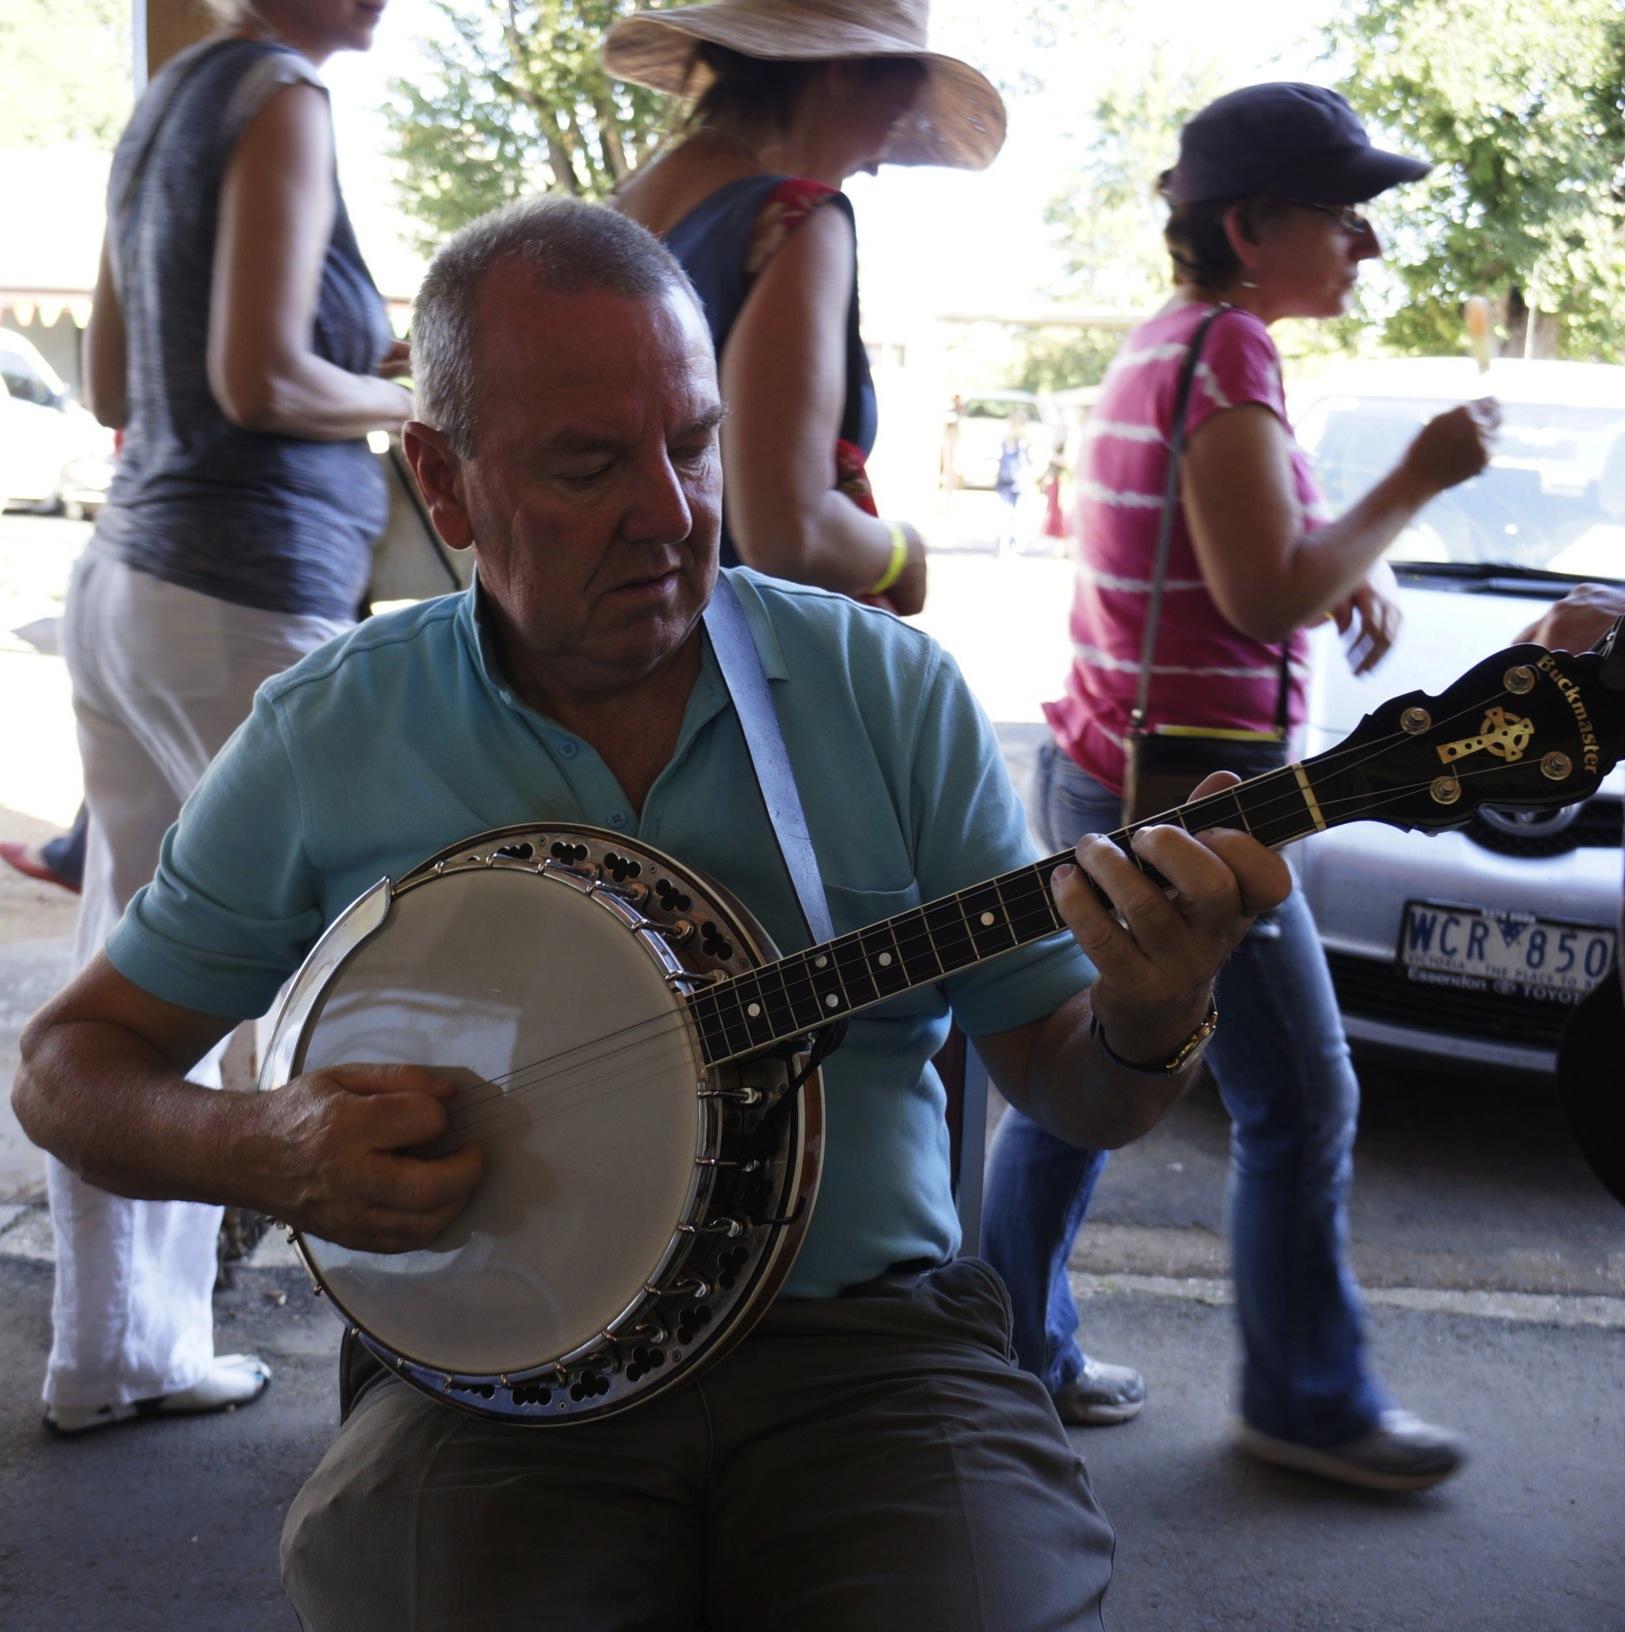 Tony O'Rourke plays banjo at Newstead